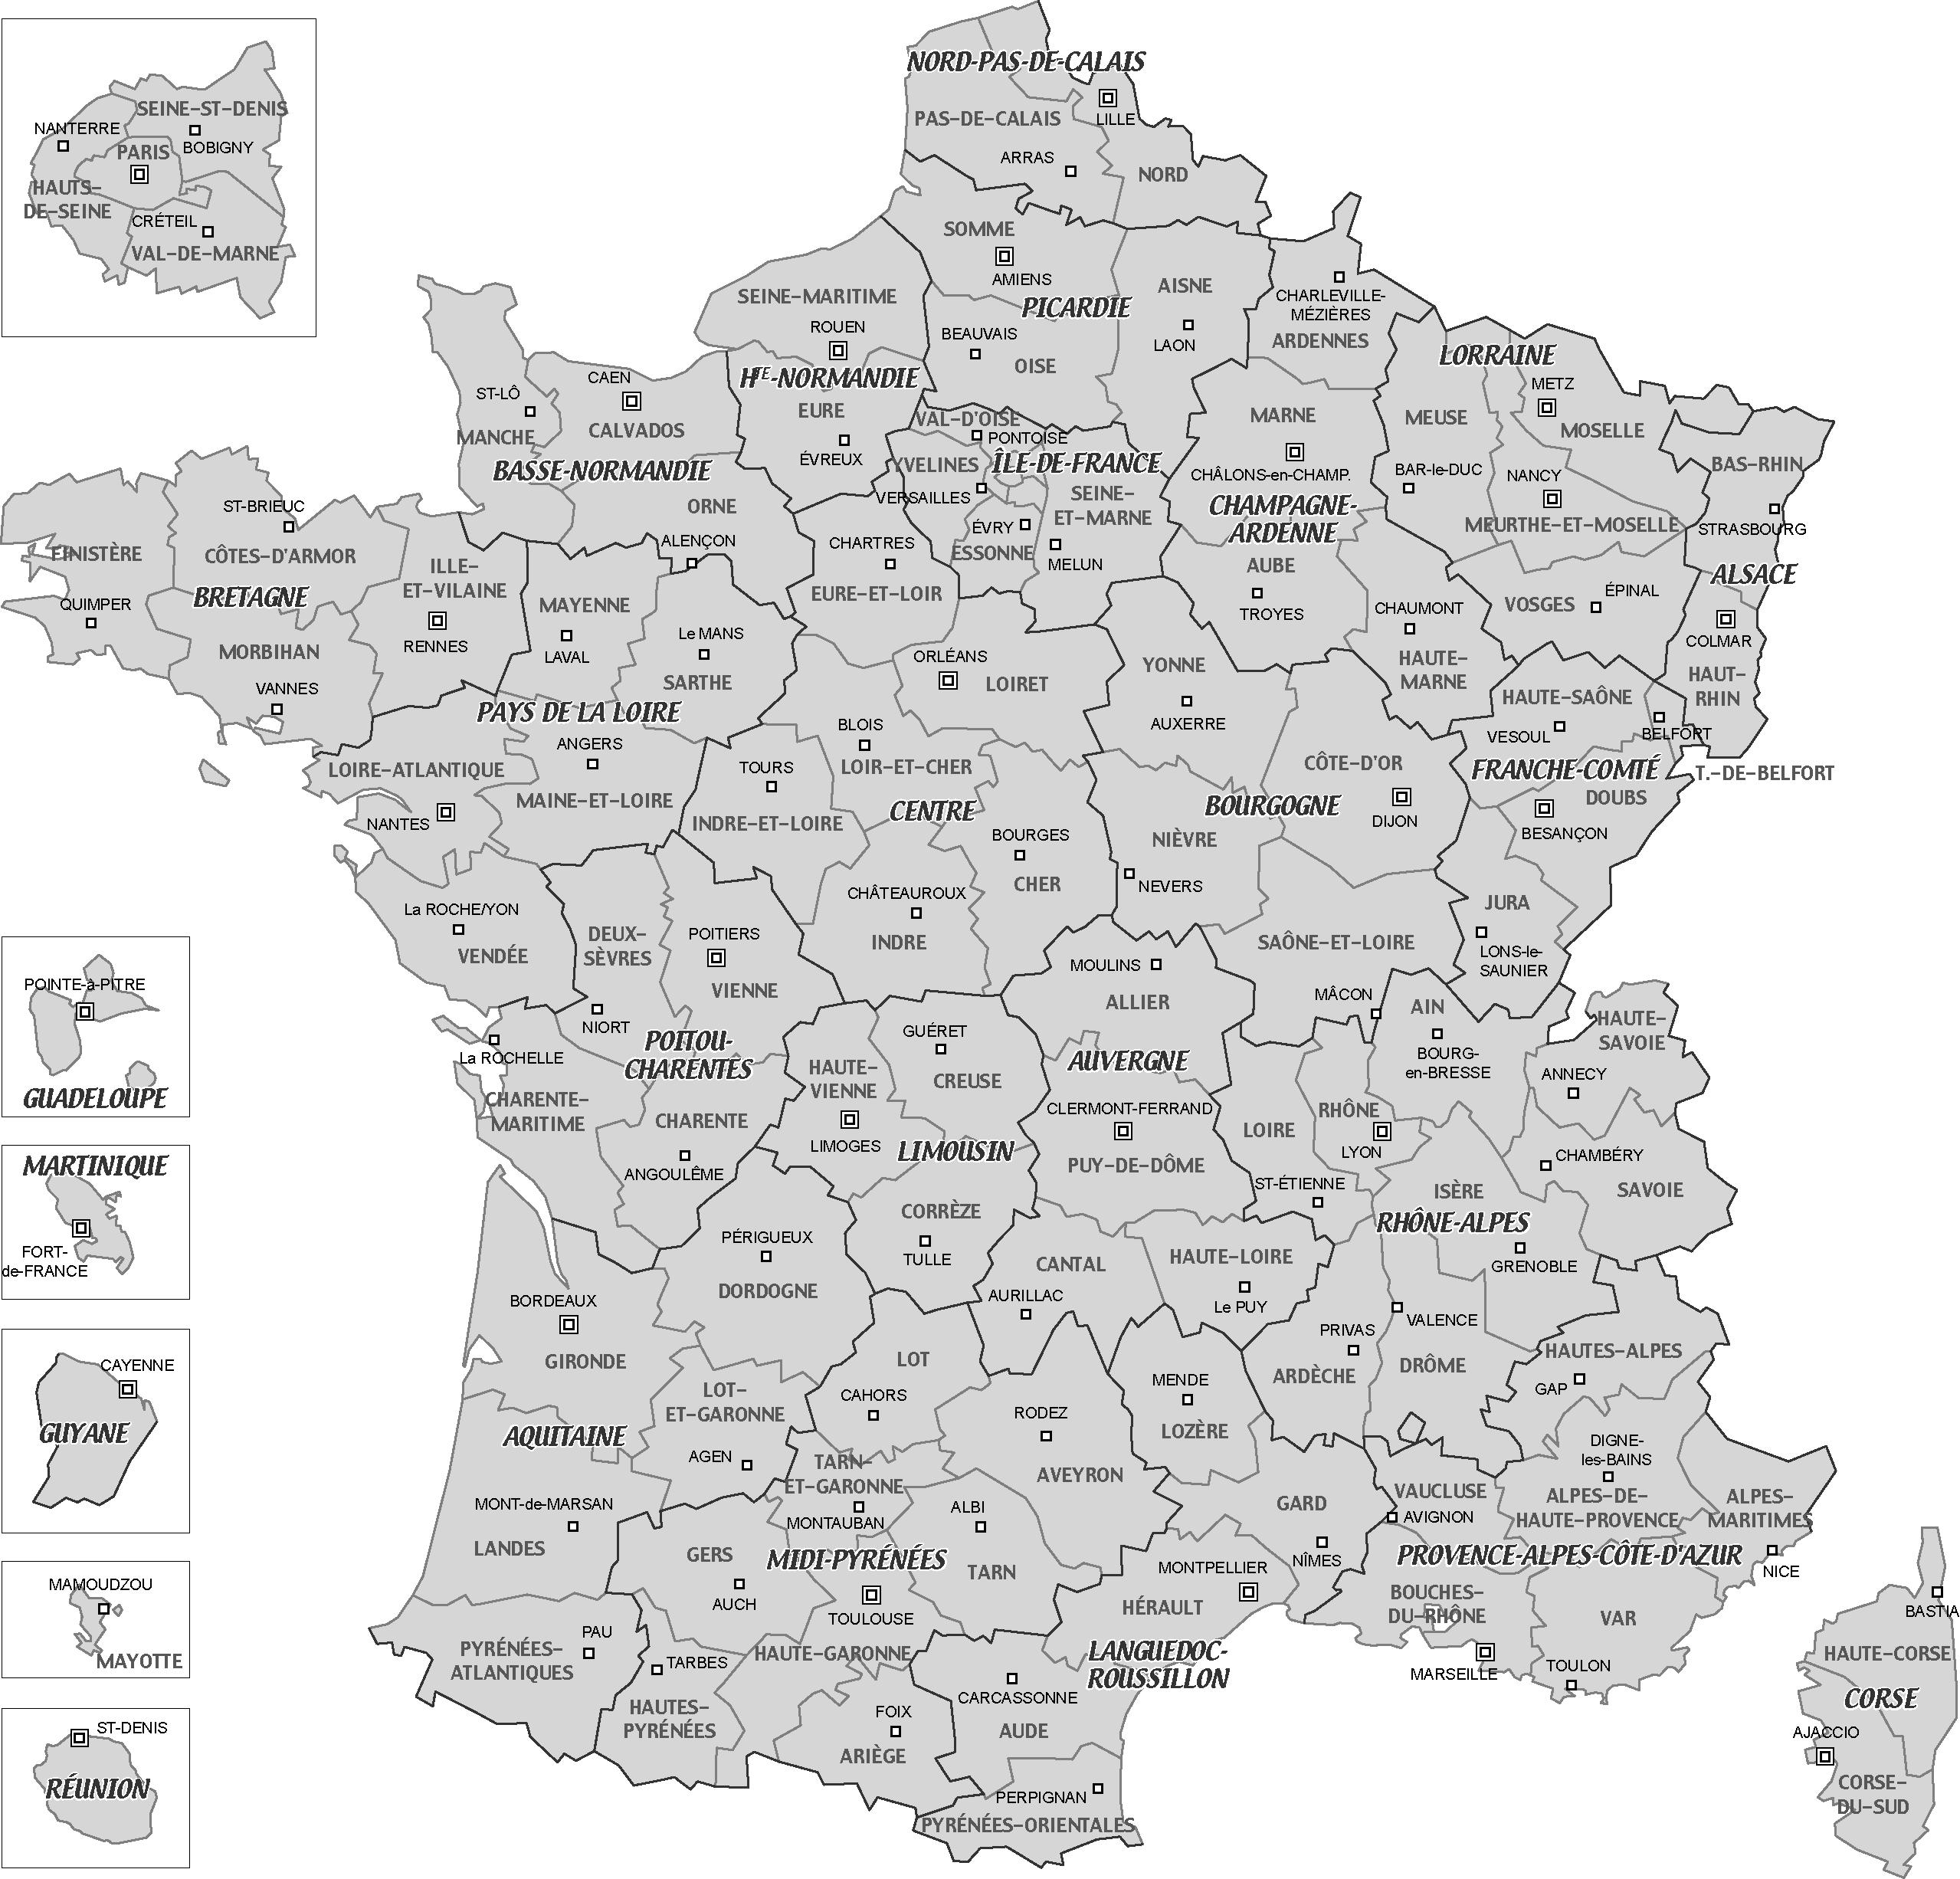 Cartes De France, Cartes Et Rmations Des Régions destiné Numero Des Departements Francais